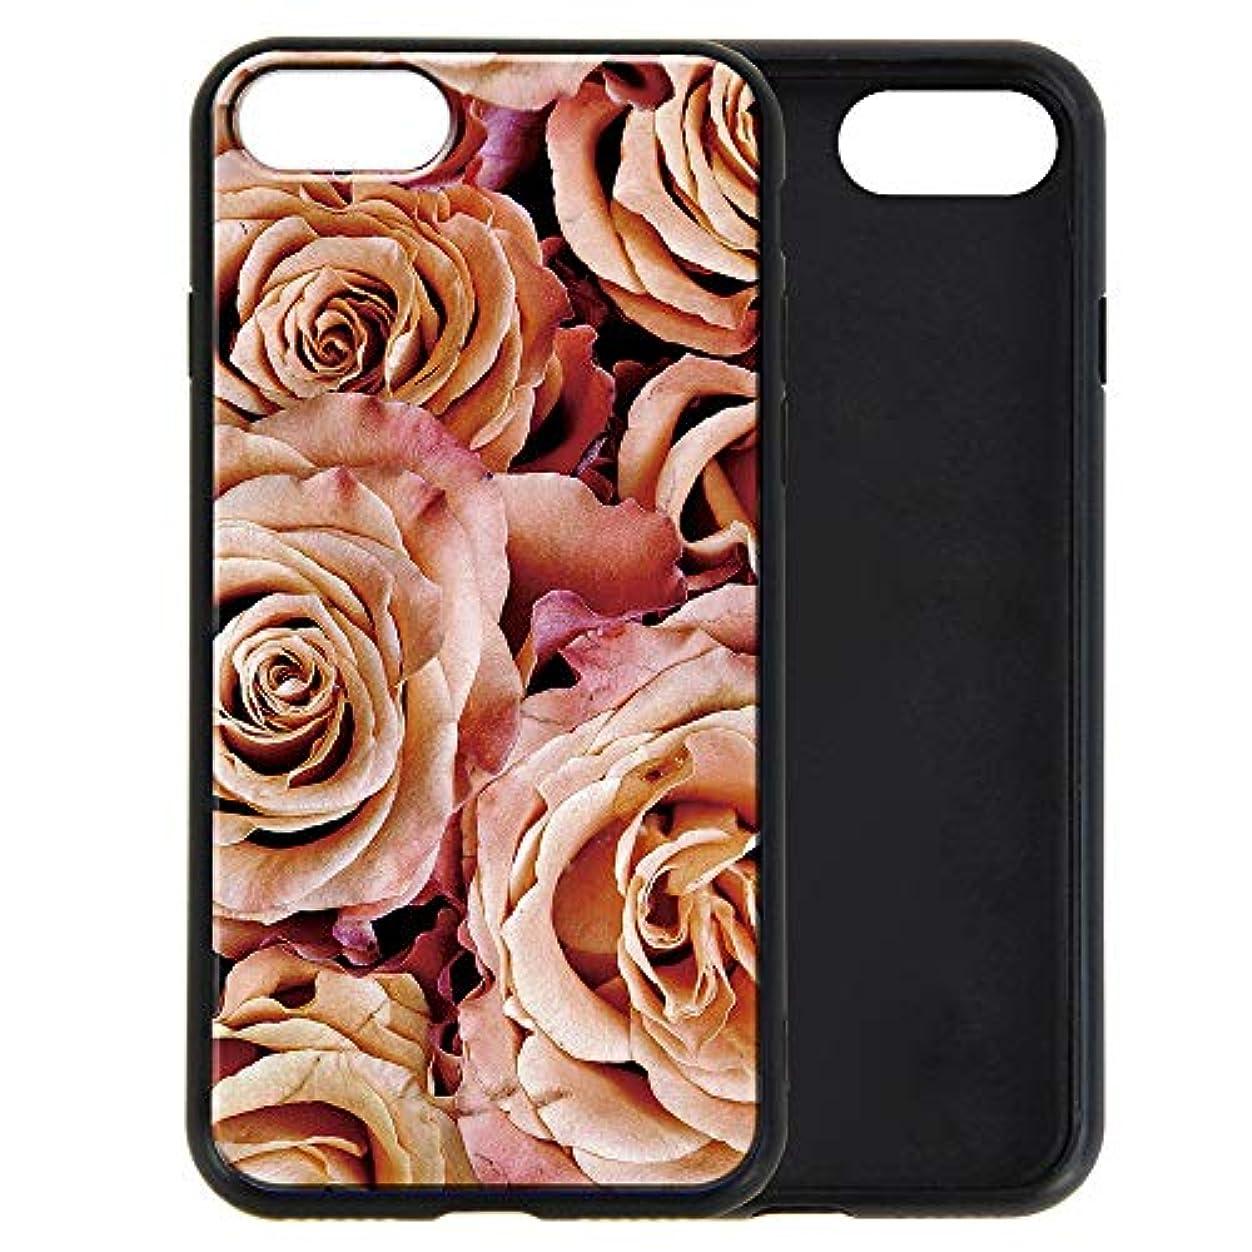 追う似ている想像するiPhone8 iPhone7 ケース [デザイン:6.ピンクローズ/ブラックフレーム] 花 パータン 背面強化ガラス ハイブリット スマホカバー 9H TPU 耐衝撃 アイフォン8 iPhone 8 アイフォン7 iPhone 7